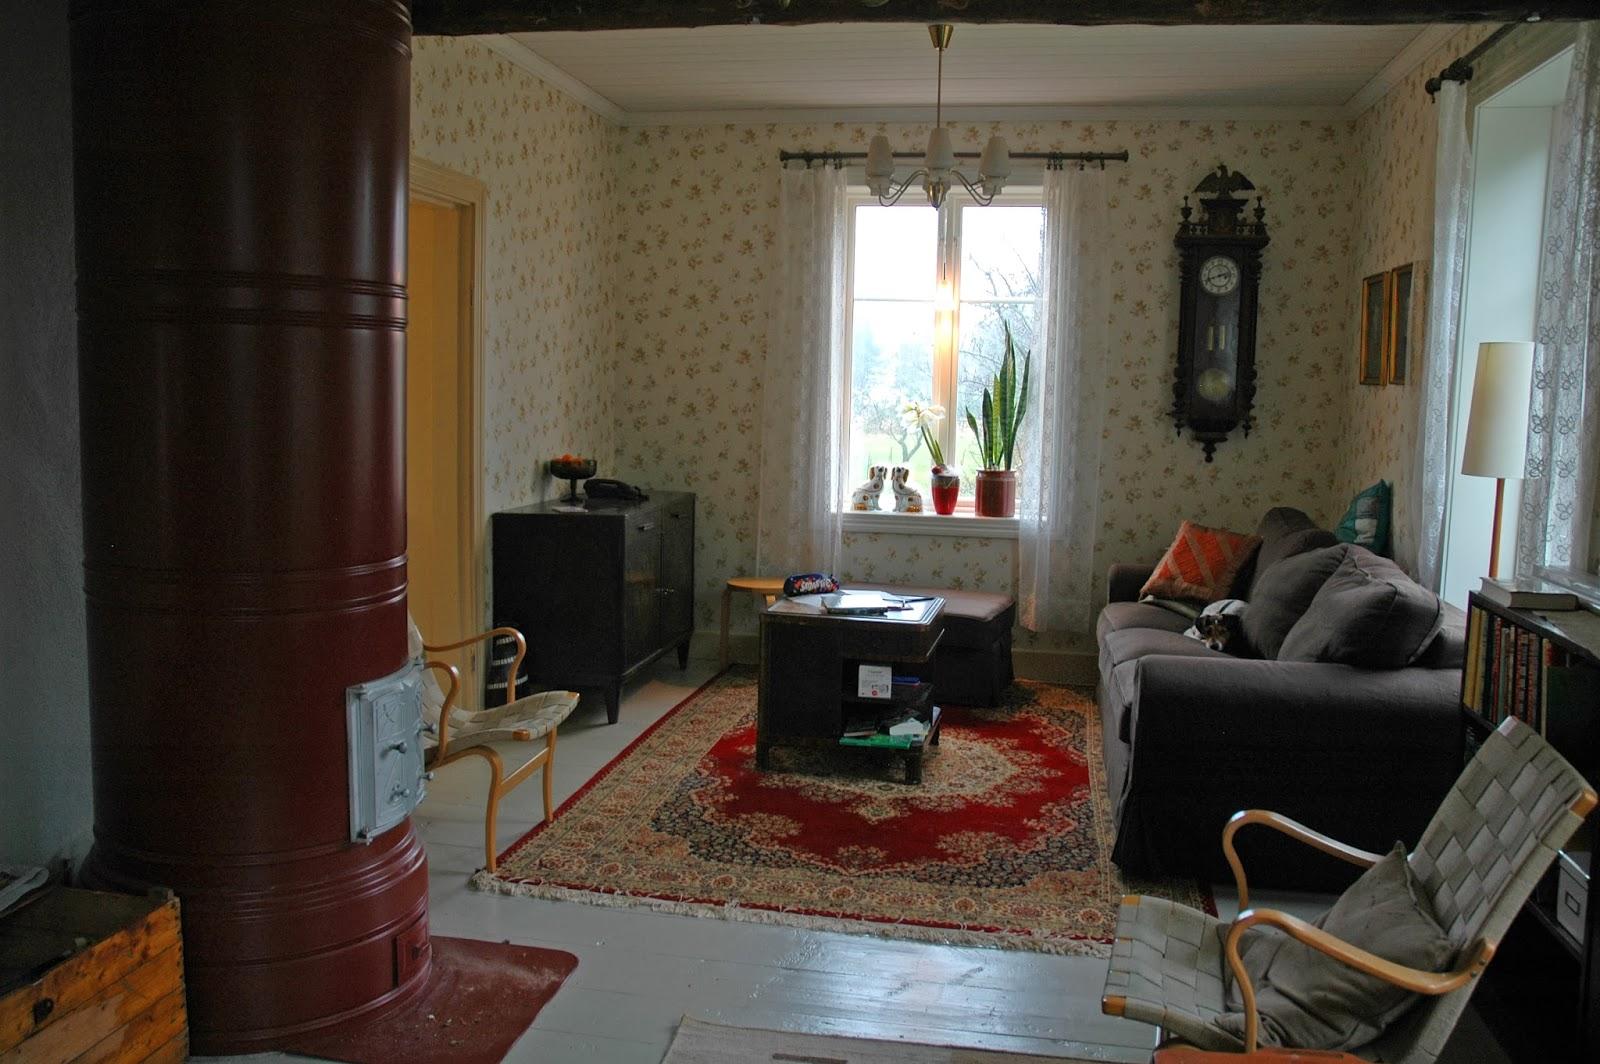 Livet på Fridhem: 4. Kolla! Här är en bild från mitt vardagsrum.